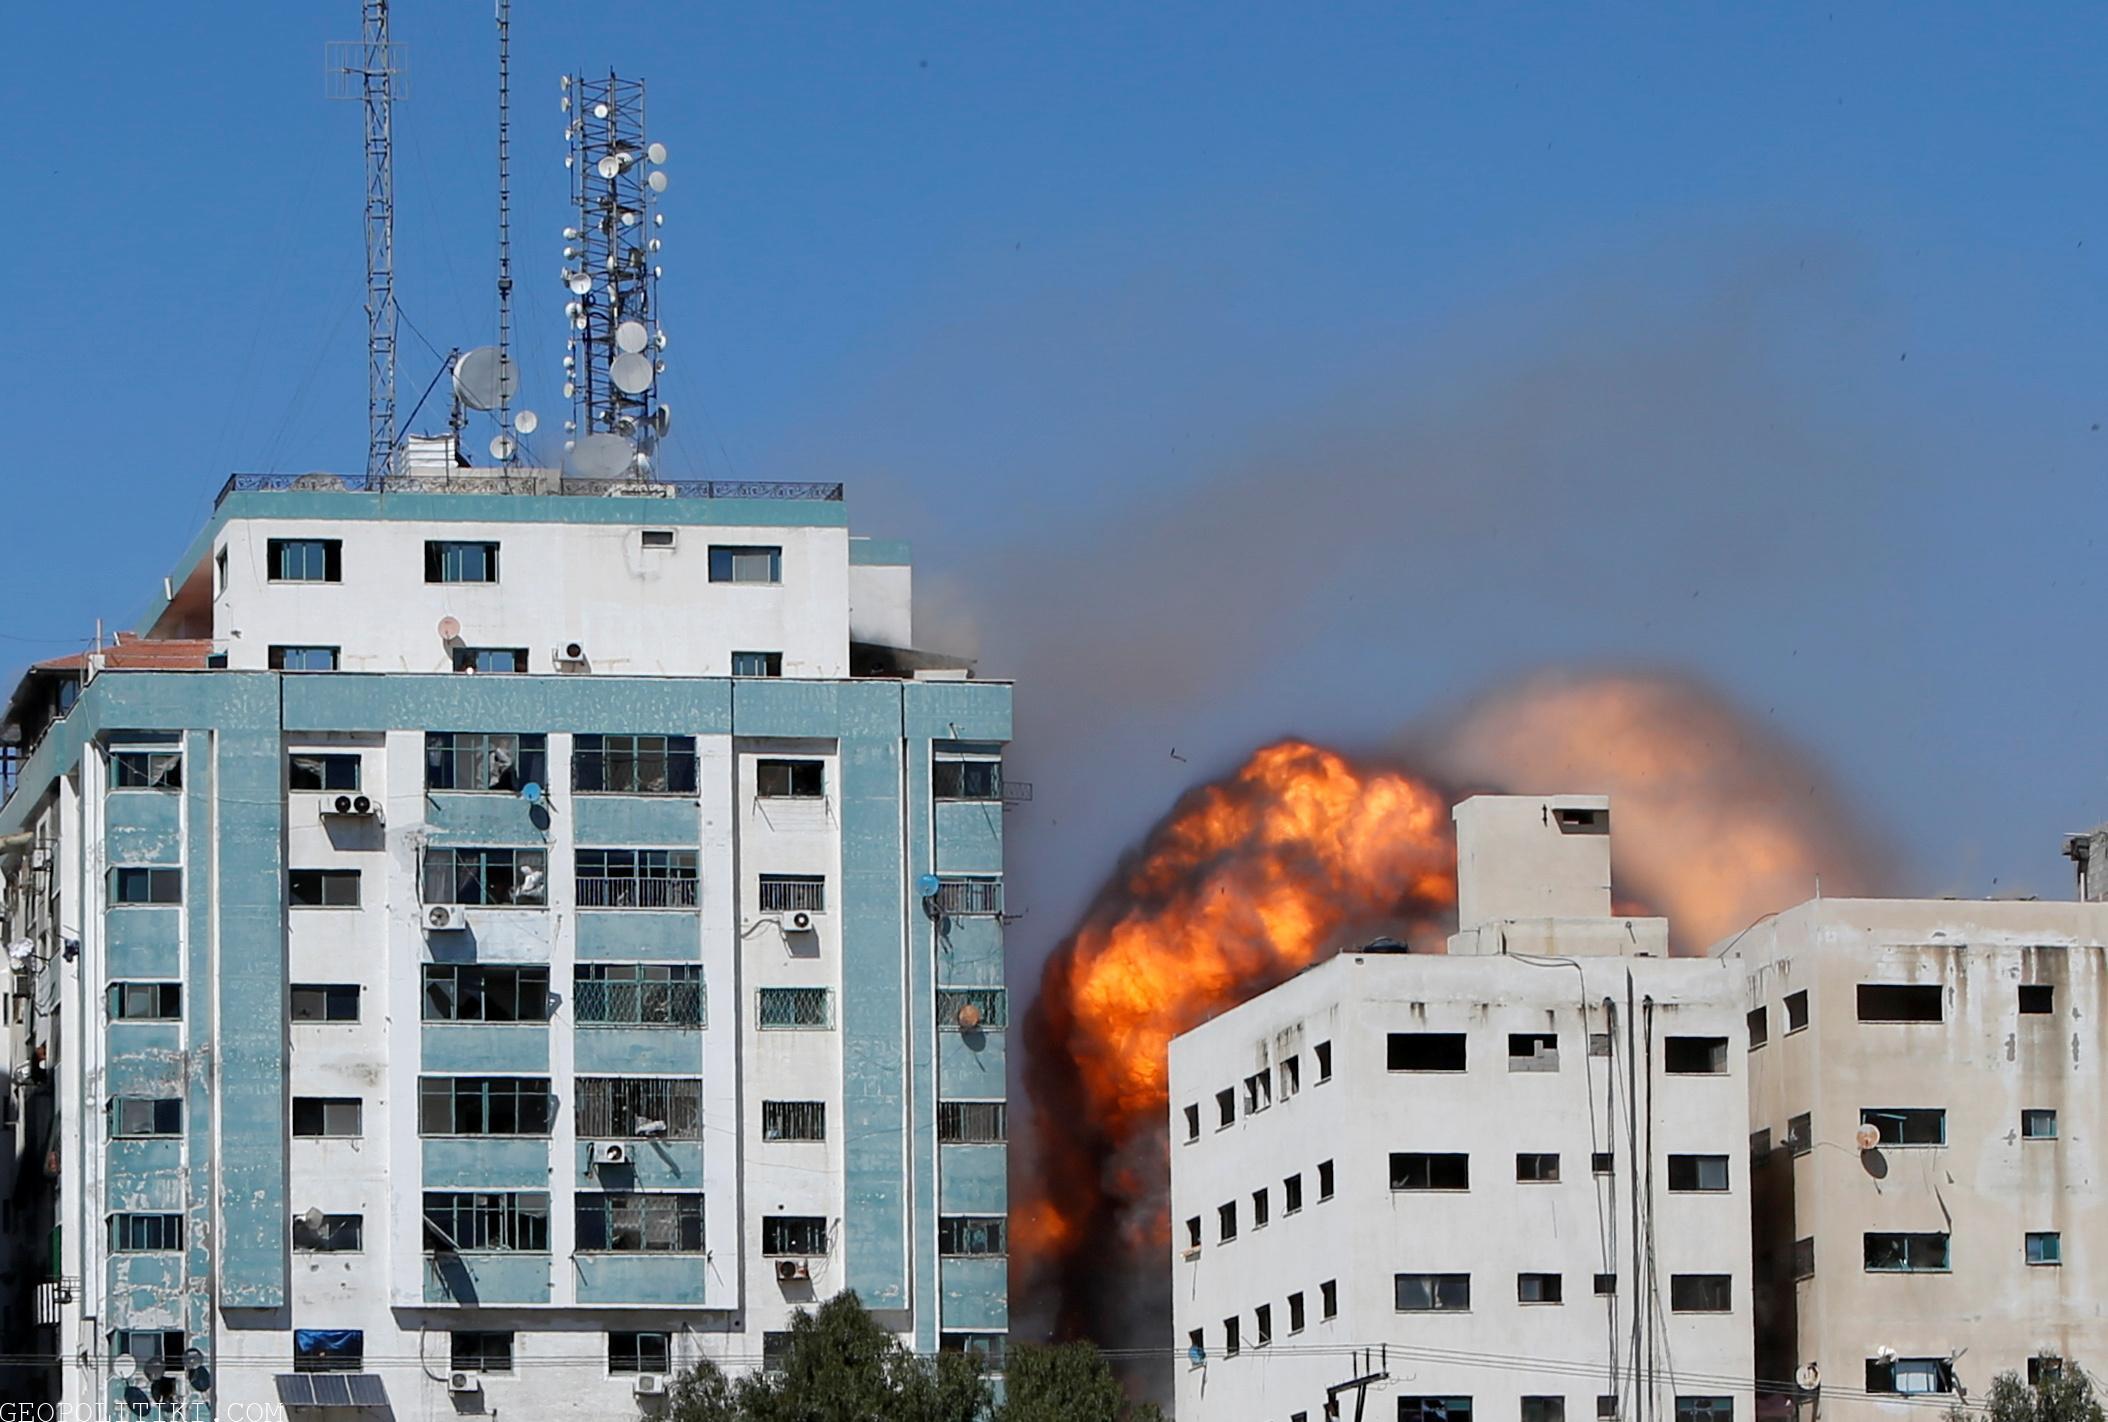 BREAKING: Israel Airforce destroyed Al-Jazeera building in Gaza